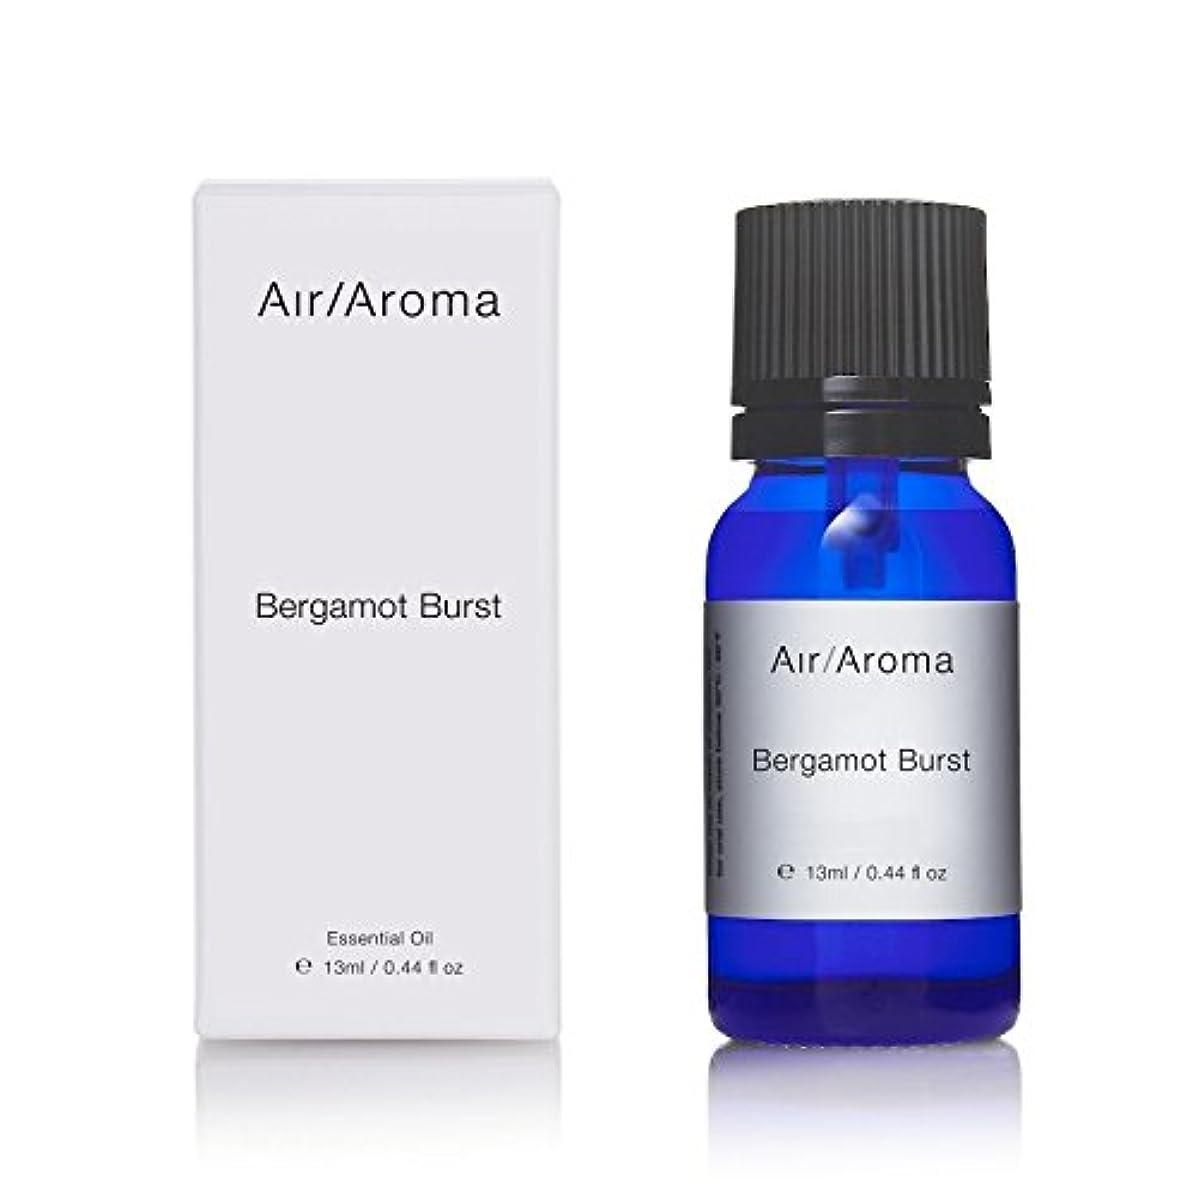 オズワルド申込み固体エアアロマ bergamot burst (ベルガモットバースト) 13ml